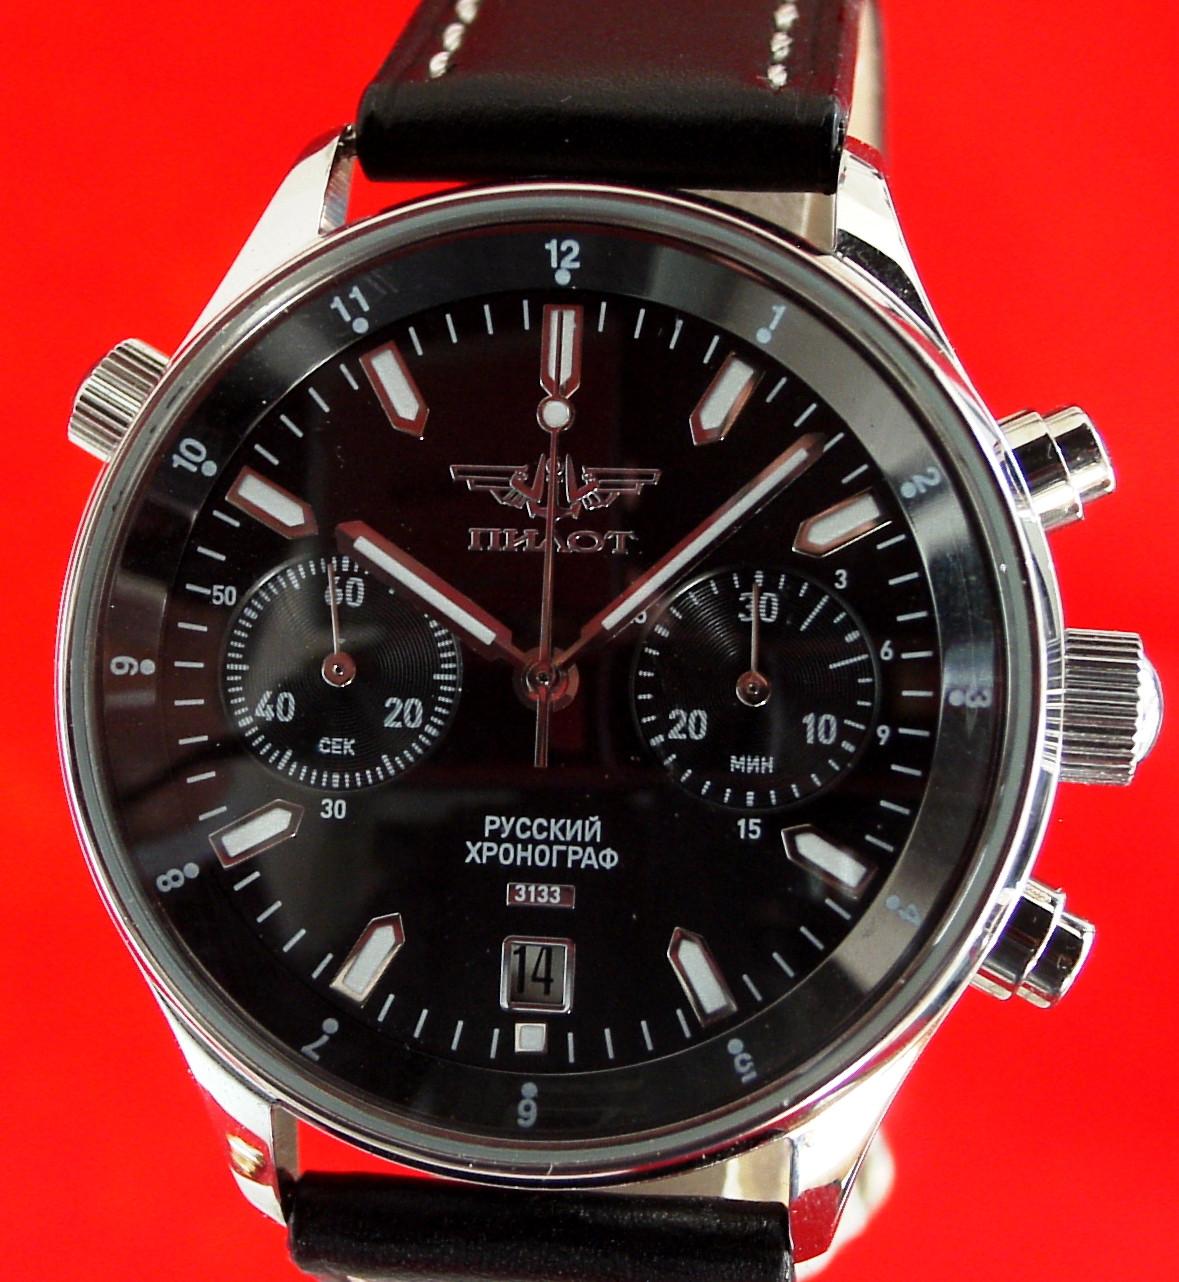 Aide choix d'une montre Aviator 2909